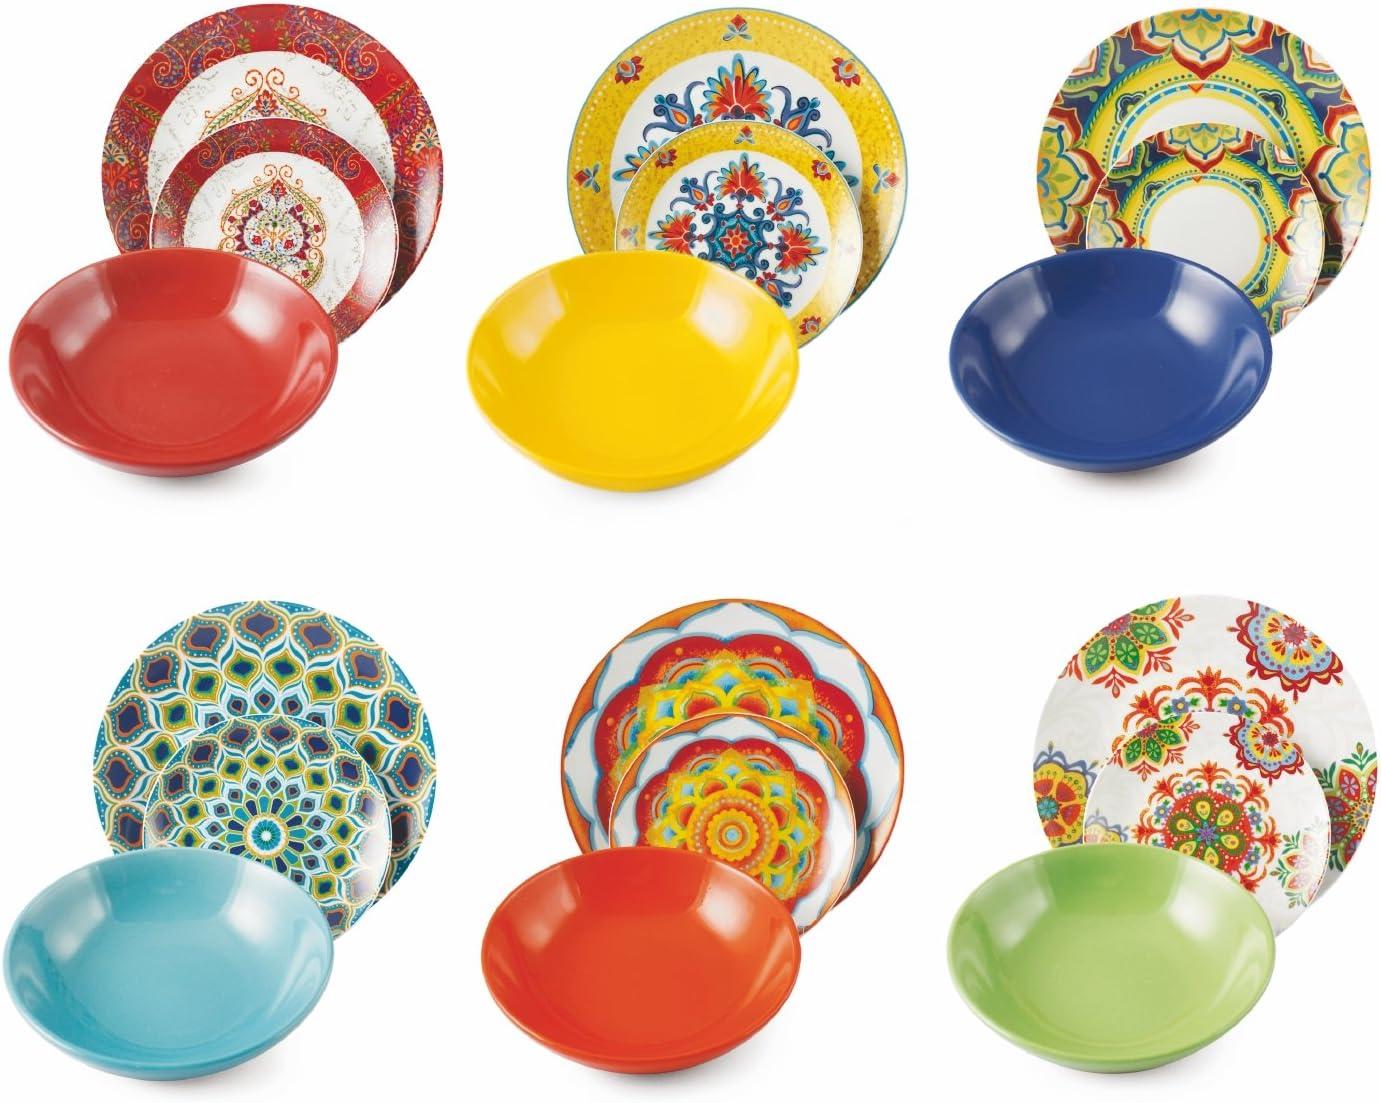 Juego de 18 Platos de Gres y Porcelana de Varios Colores